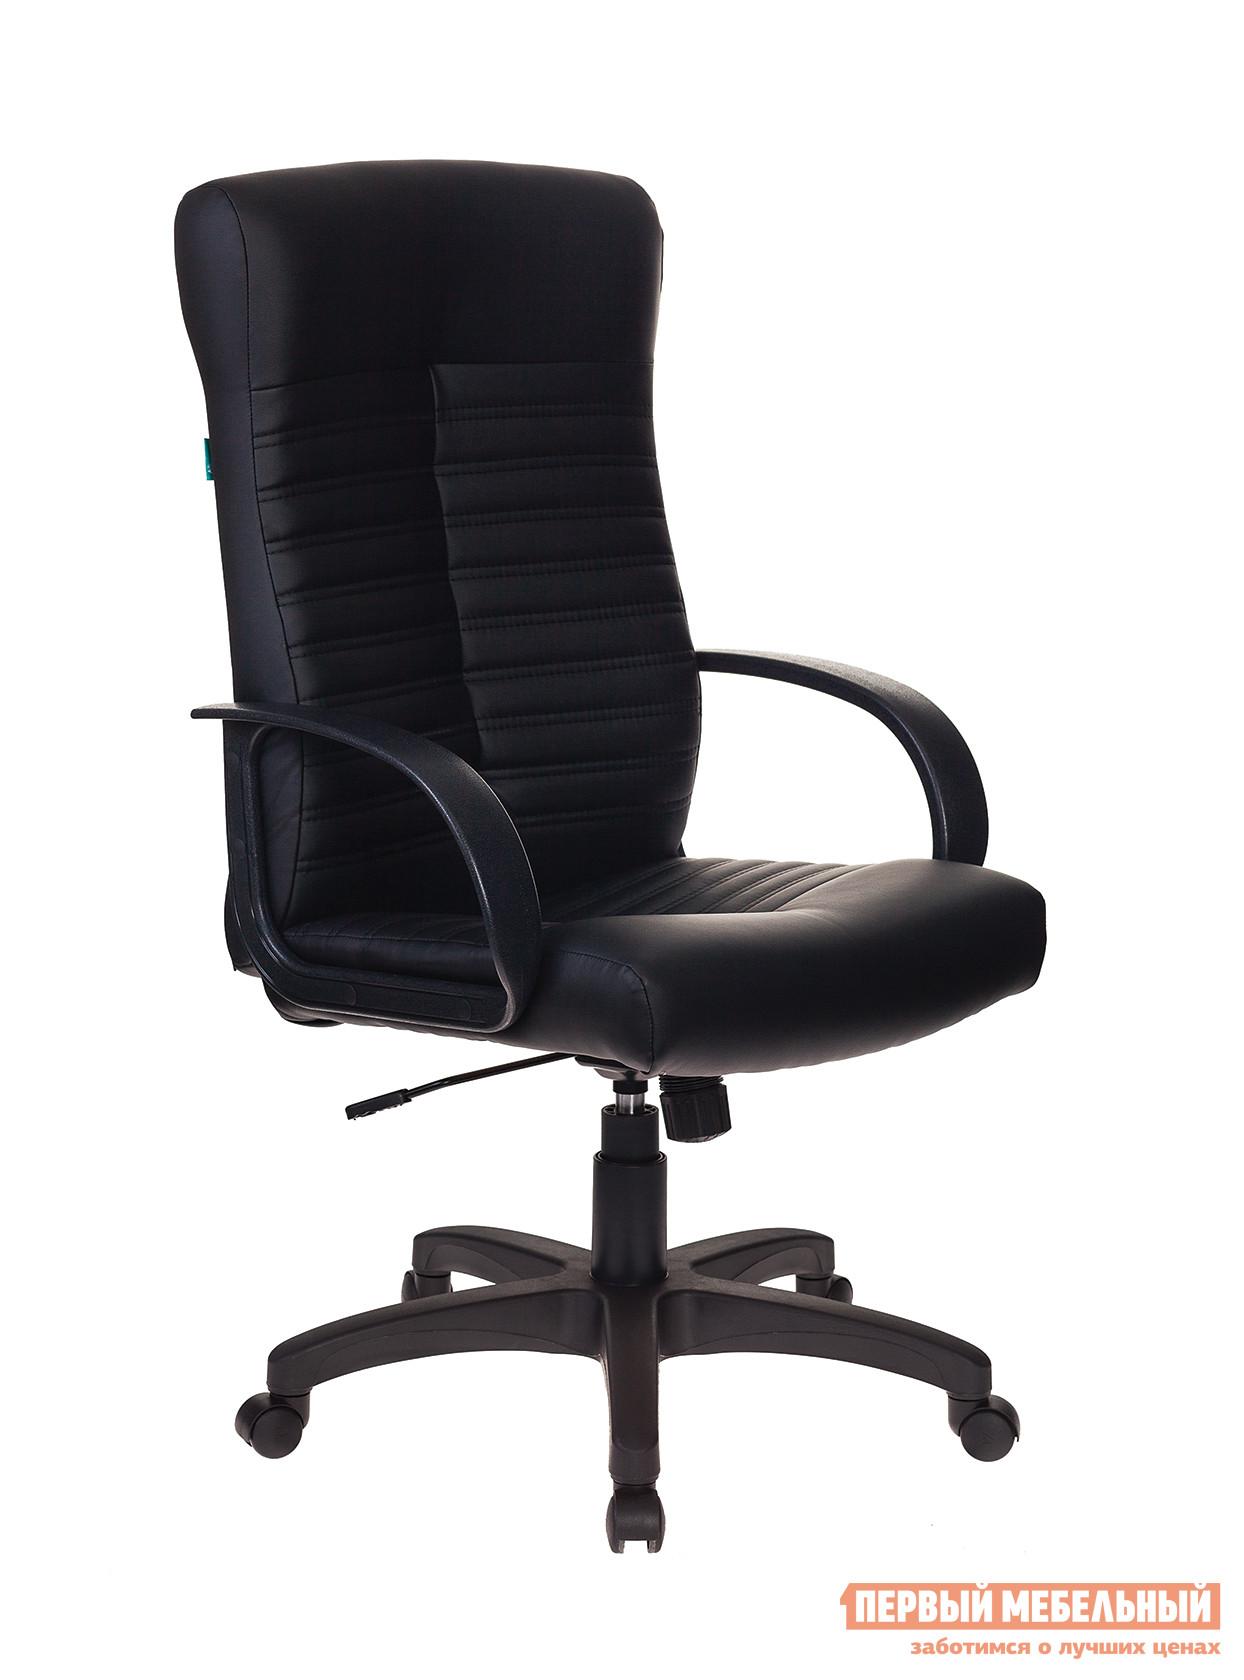 Кресло руководителя Бюрократ Кресло руководителя KB-10LITE кресло руководителя riva кресло rch 9249 1